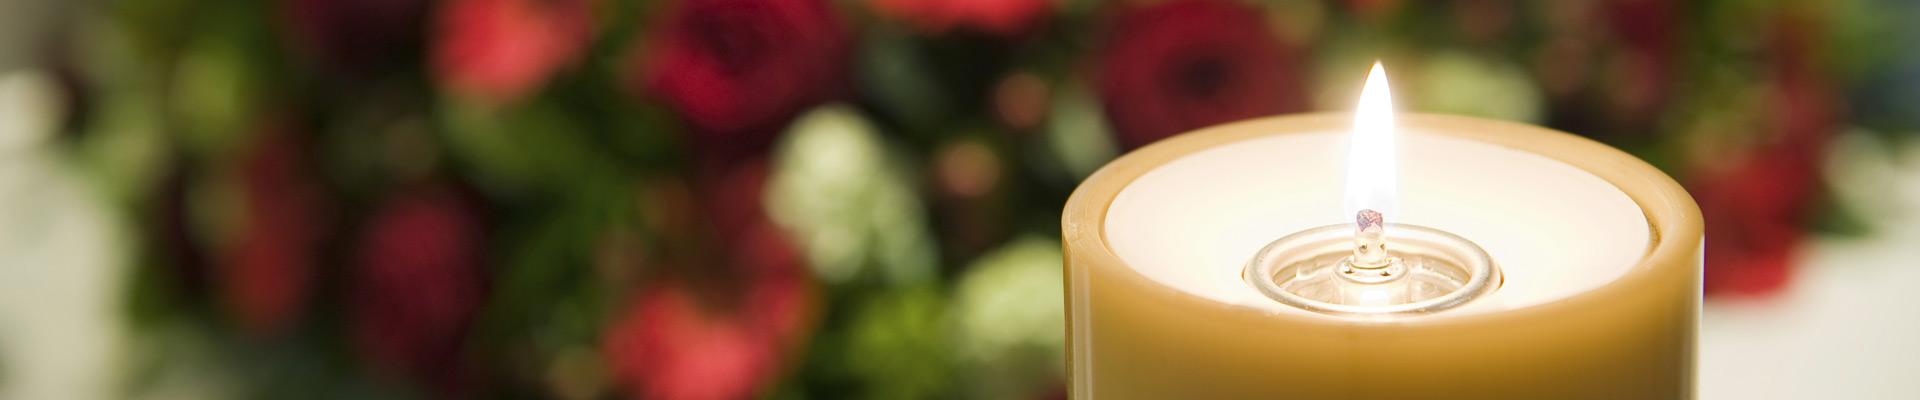 Cercanía y Disponibilidad - Funeraria Lucio Gabriel